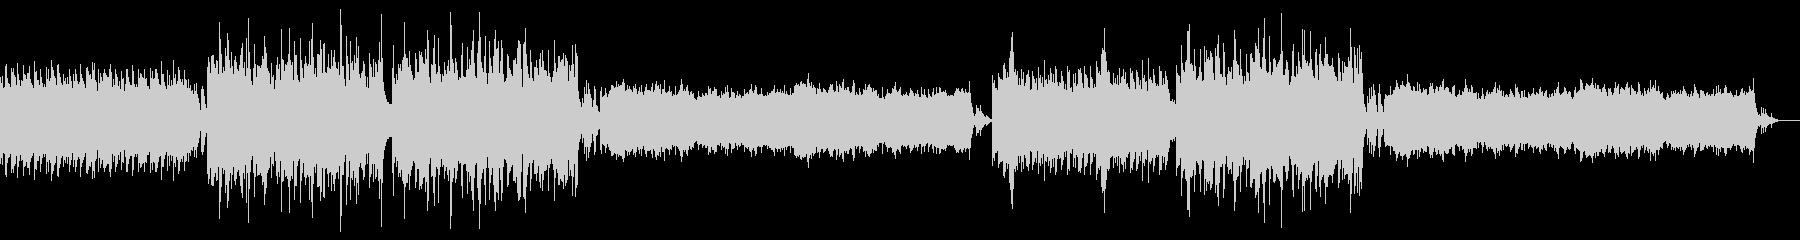 【ホラー系BGM】不気味な洋風ホラー曲の未再生の波形